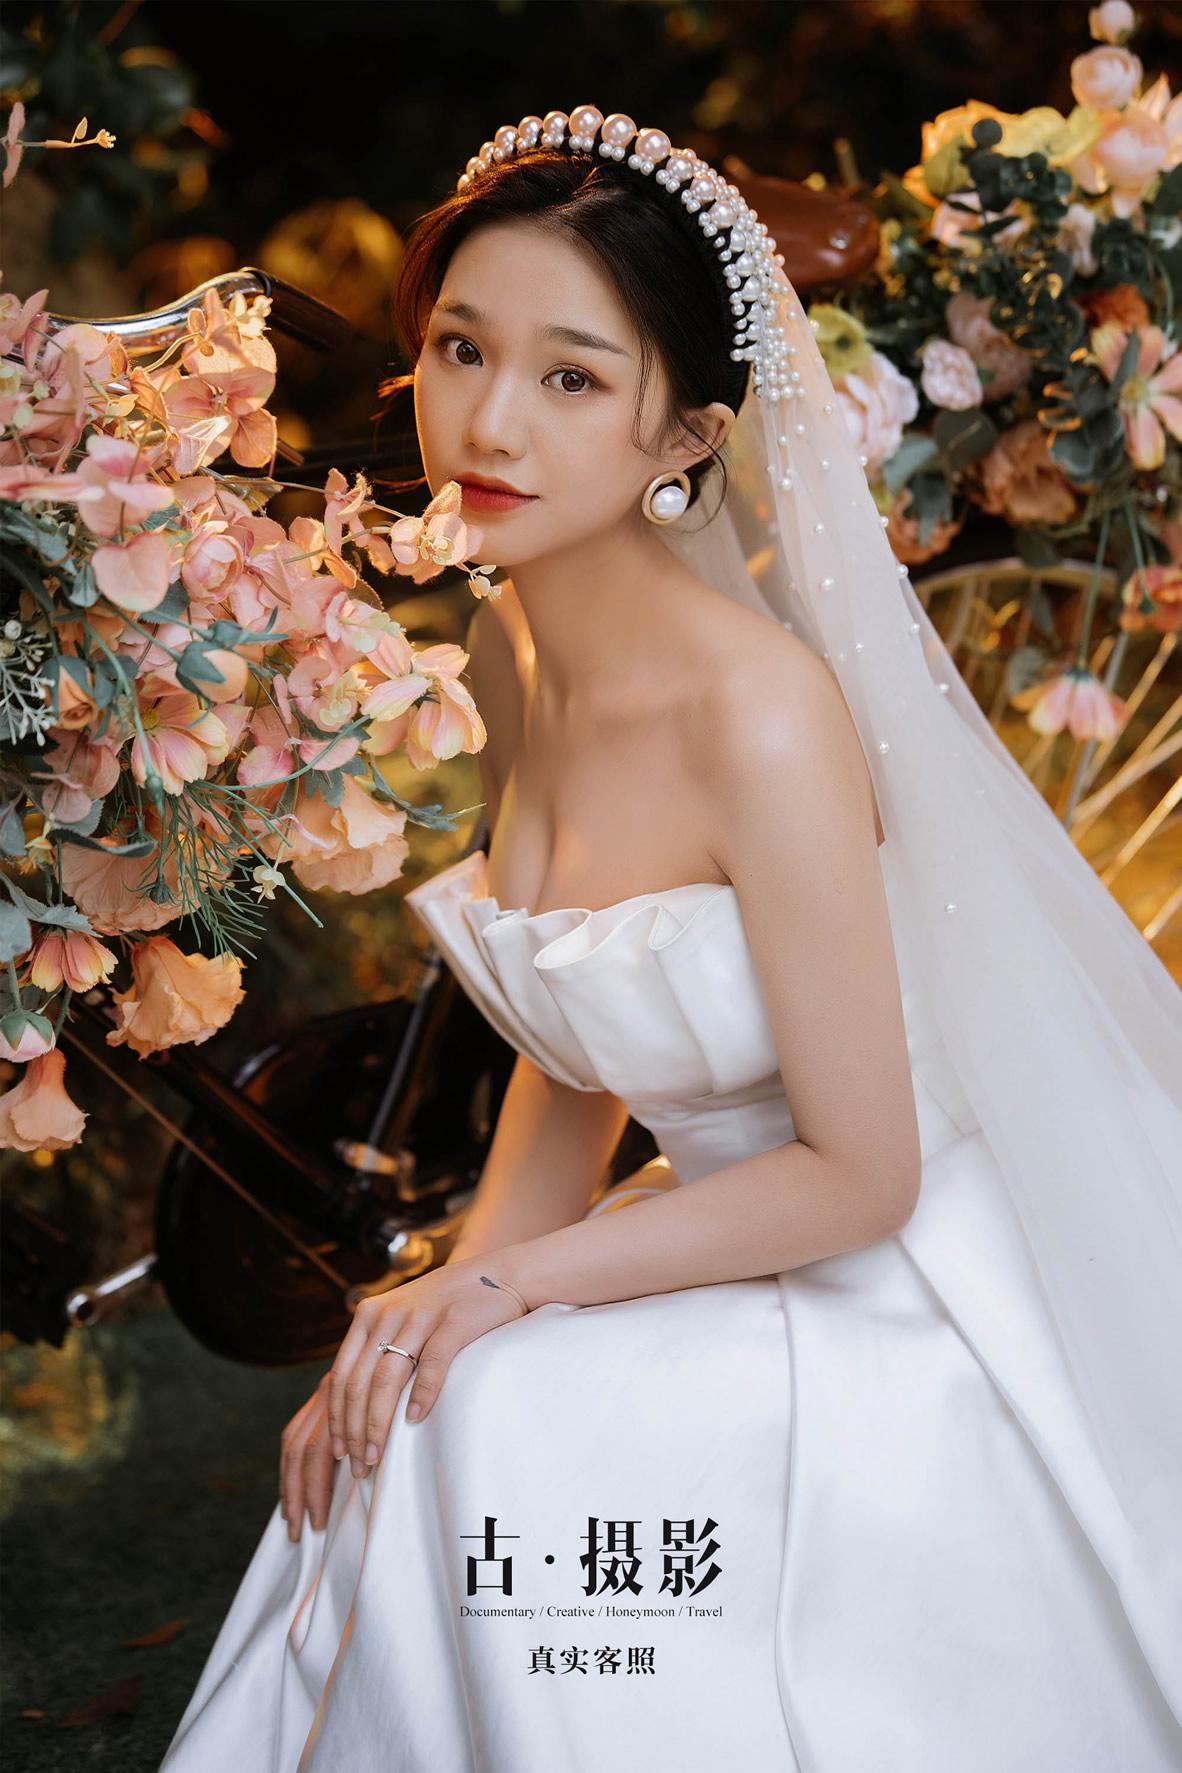 苏先生 雷小姐 - 每日客照 - 古摄影婚纱艺术-古摄影成都婚纱摄影艺术摄影网